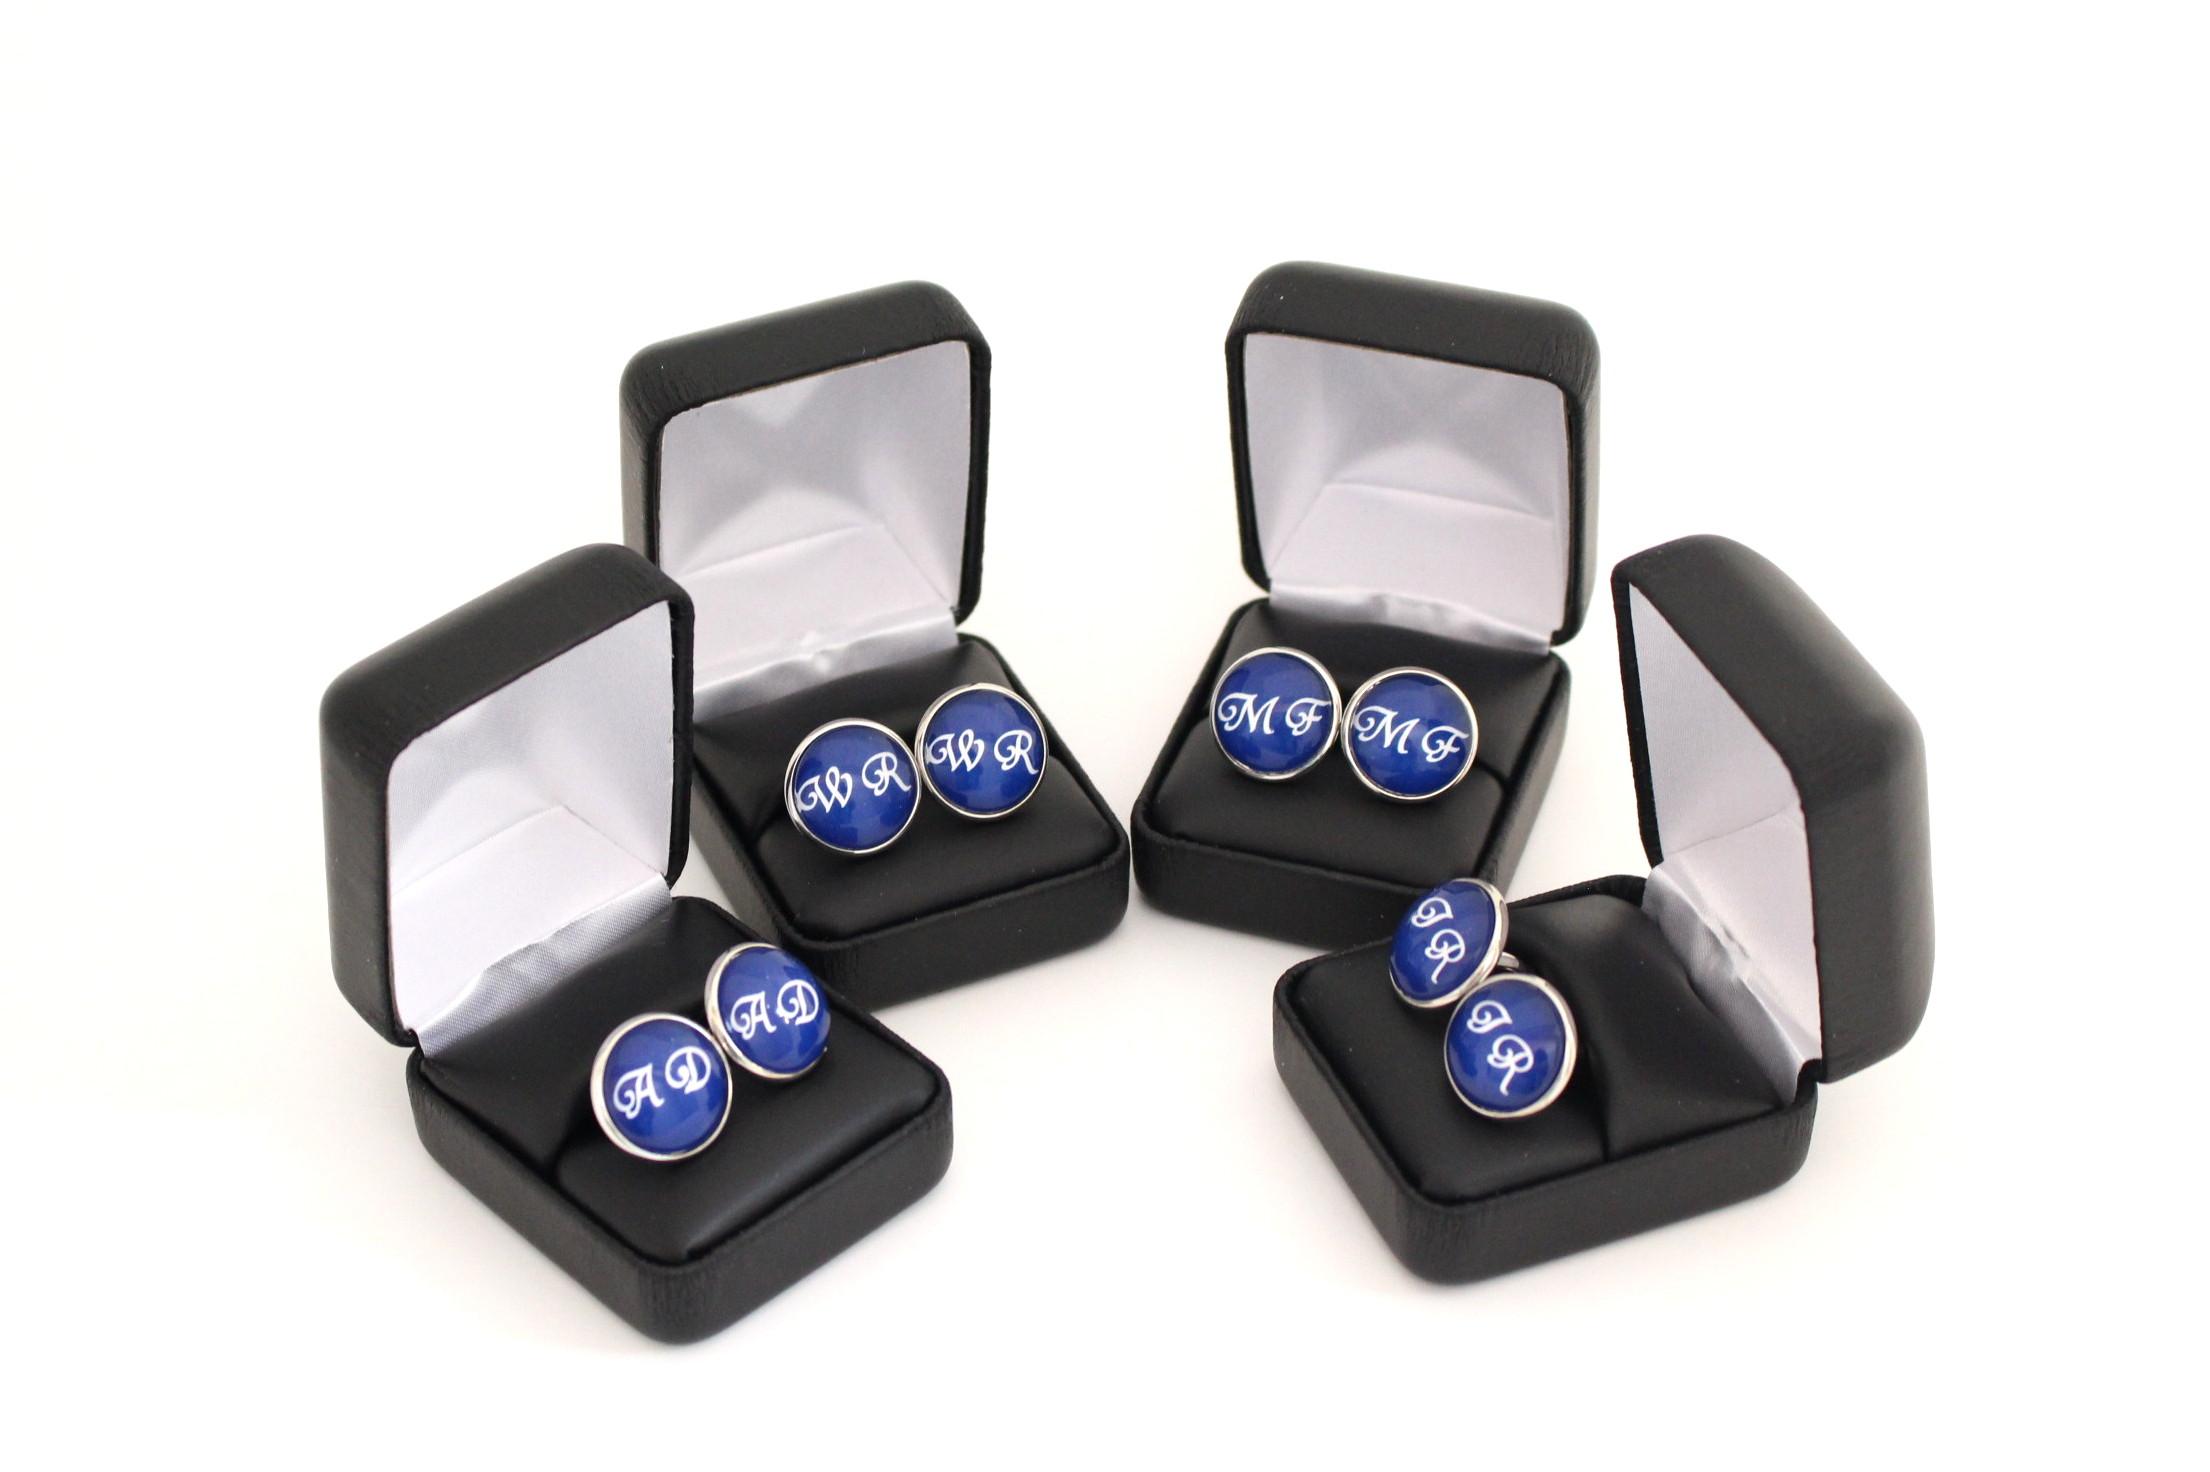 Custom Monogram Cufflinks for Grooms Gift - Groomsmen Gift